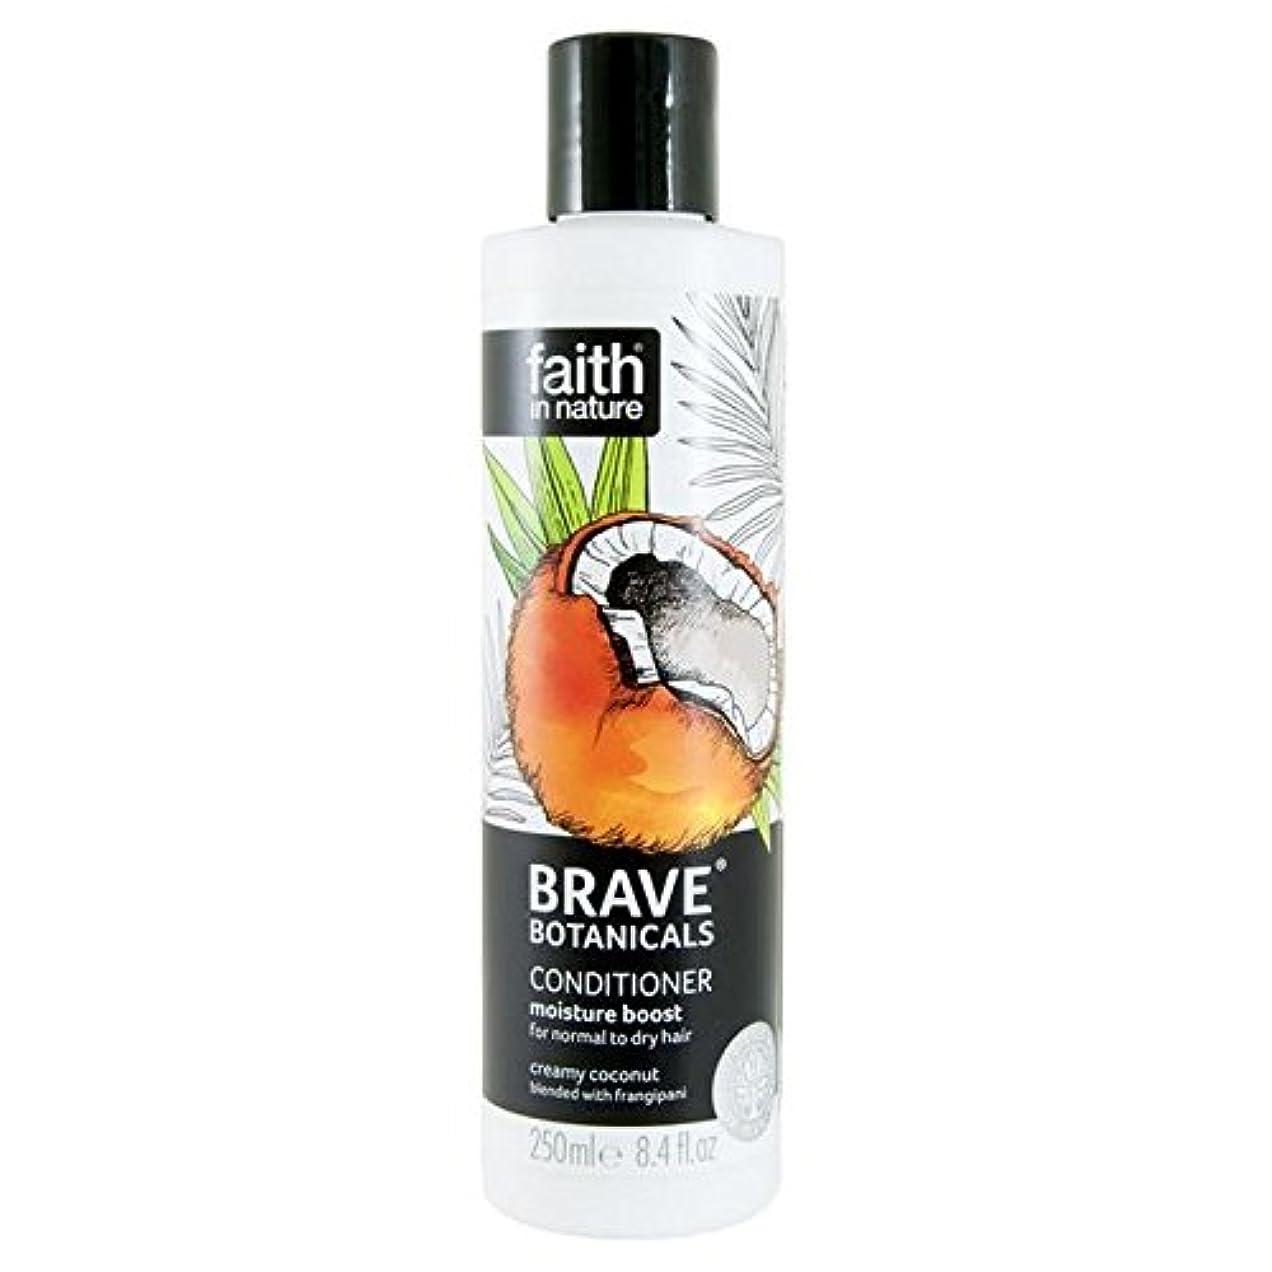 フェード効果以内にBrave Botanicals Coconut & Frangipani Moisture Boost Conditioner 250ml (Pack of 4) - (Faith In Nature) 勇敢な植物ココナッツ&プルメリア水分ブーストコンディショナー250Ml (x4) [並行輸入品]